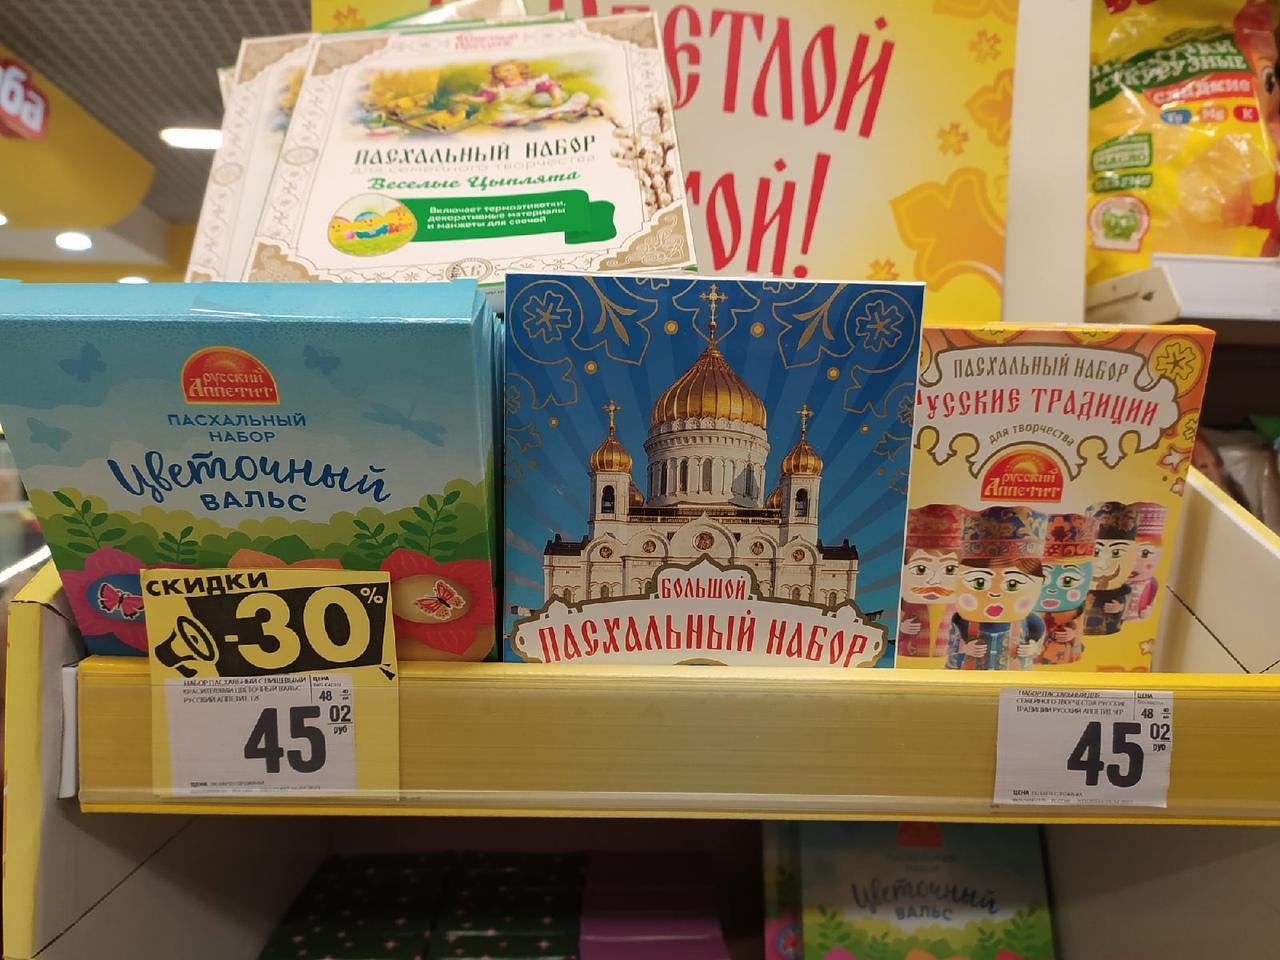 фото Куличи и красители для яиц к Пасхе: обзор цен на праздничные товары в Новосибирске 14